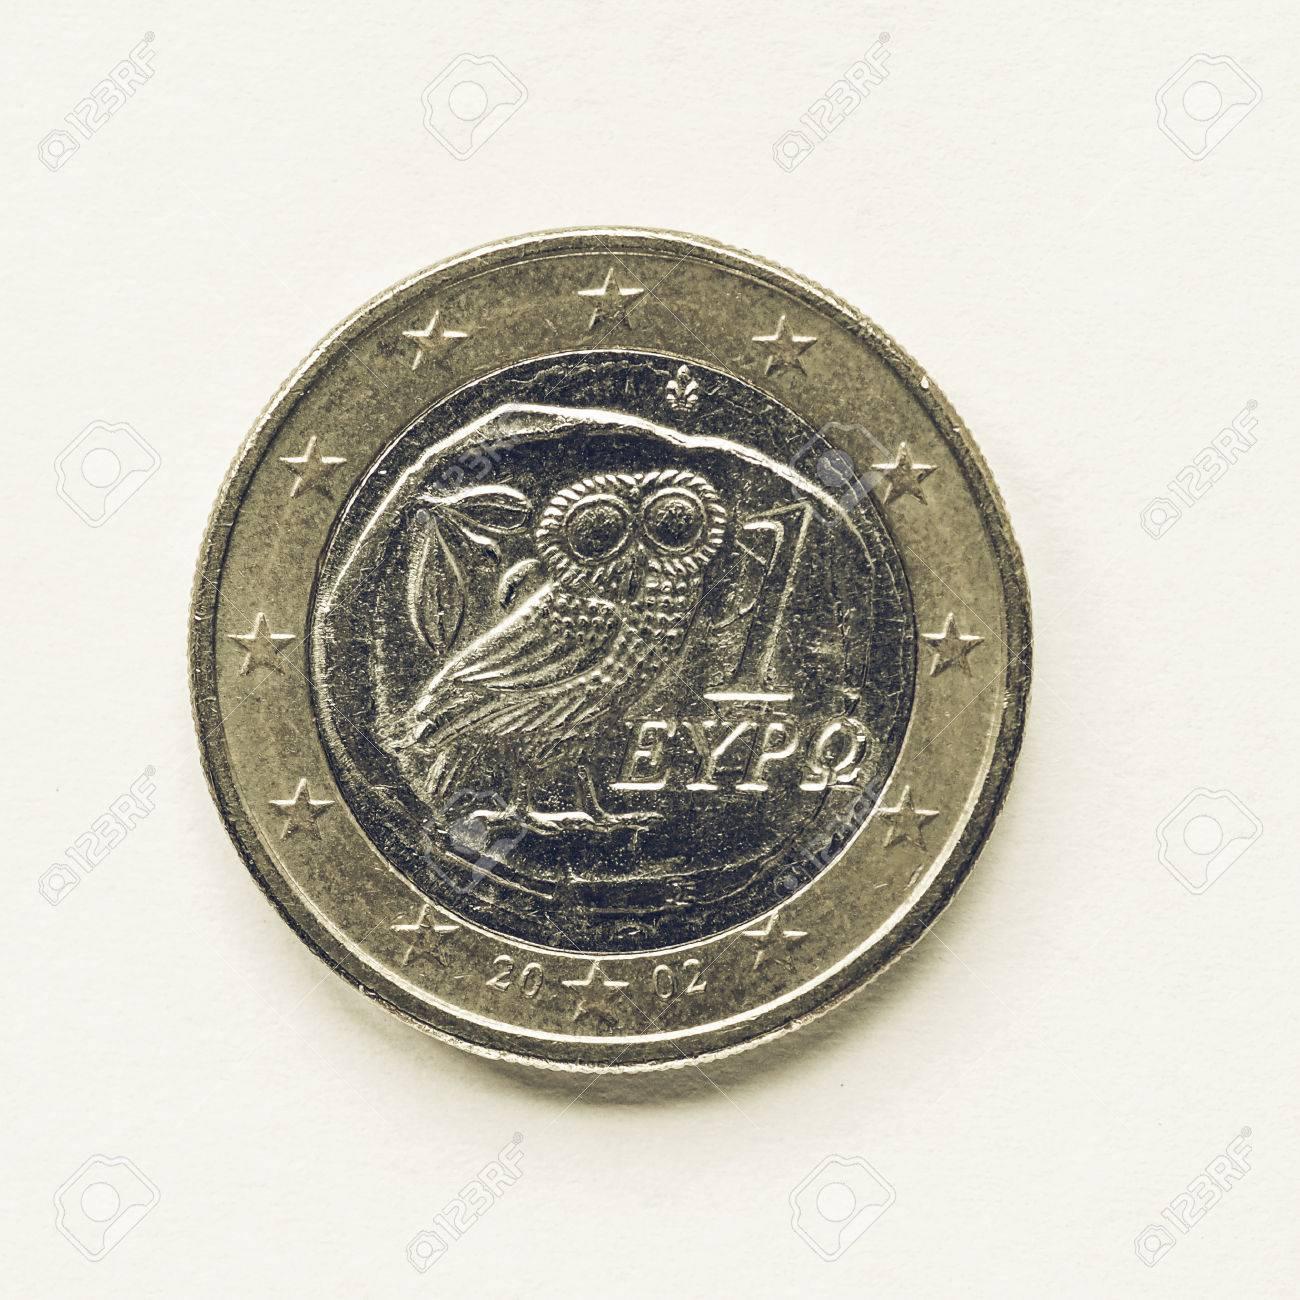 Jahrgang Suchen Währung Europa 1 Euro Münze Aus Griechenland